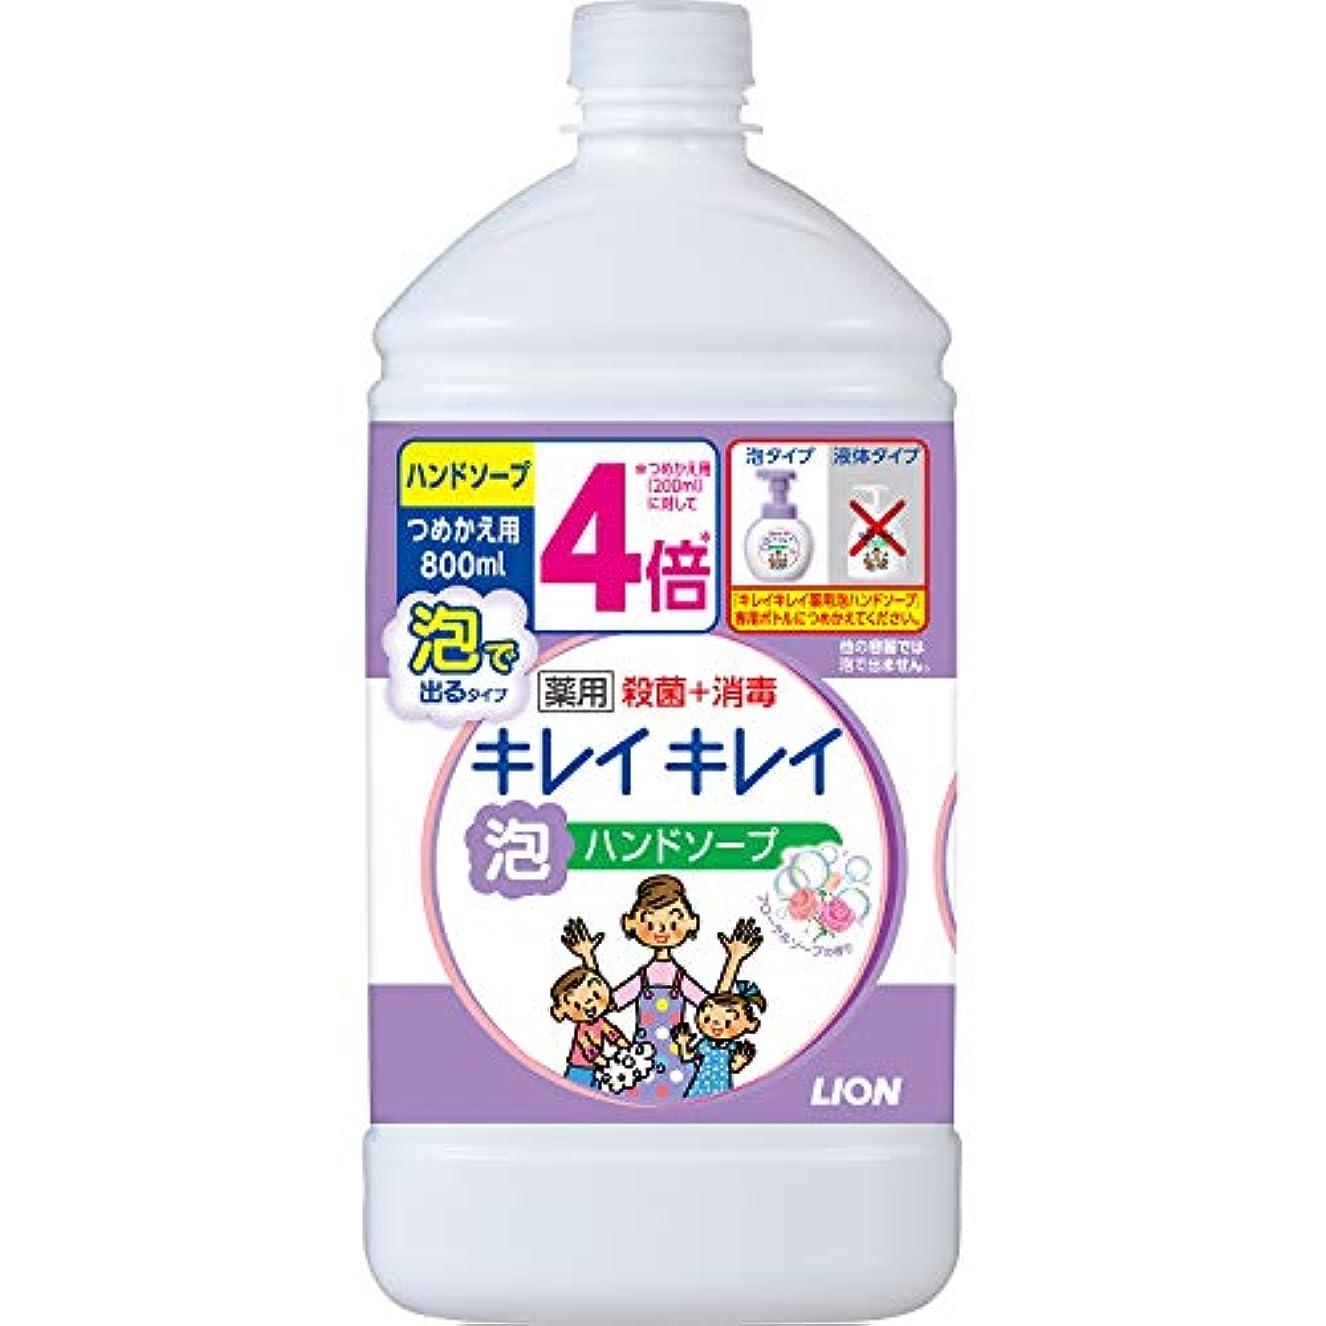 袋政令脆い(医薬部外品)【大容量】キレイキレイ 薬用 泡ハンドソープ フローラルソープの香り 詰め替え 特大 800ml